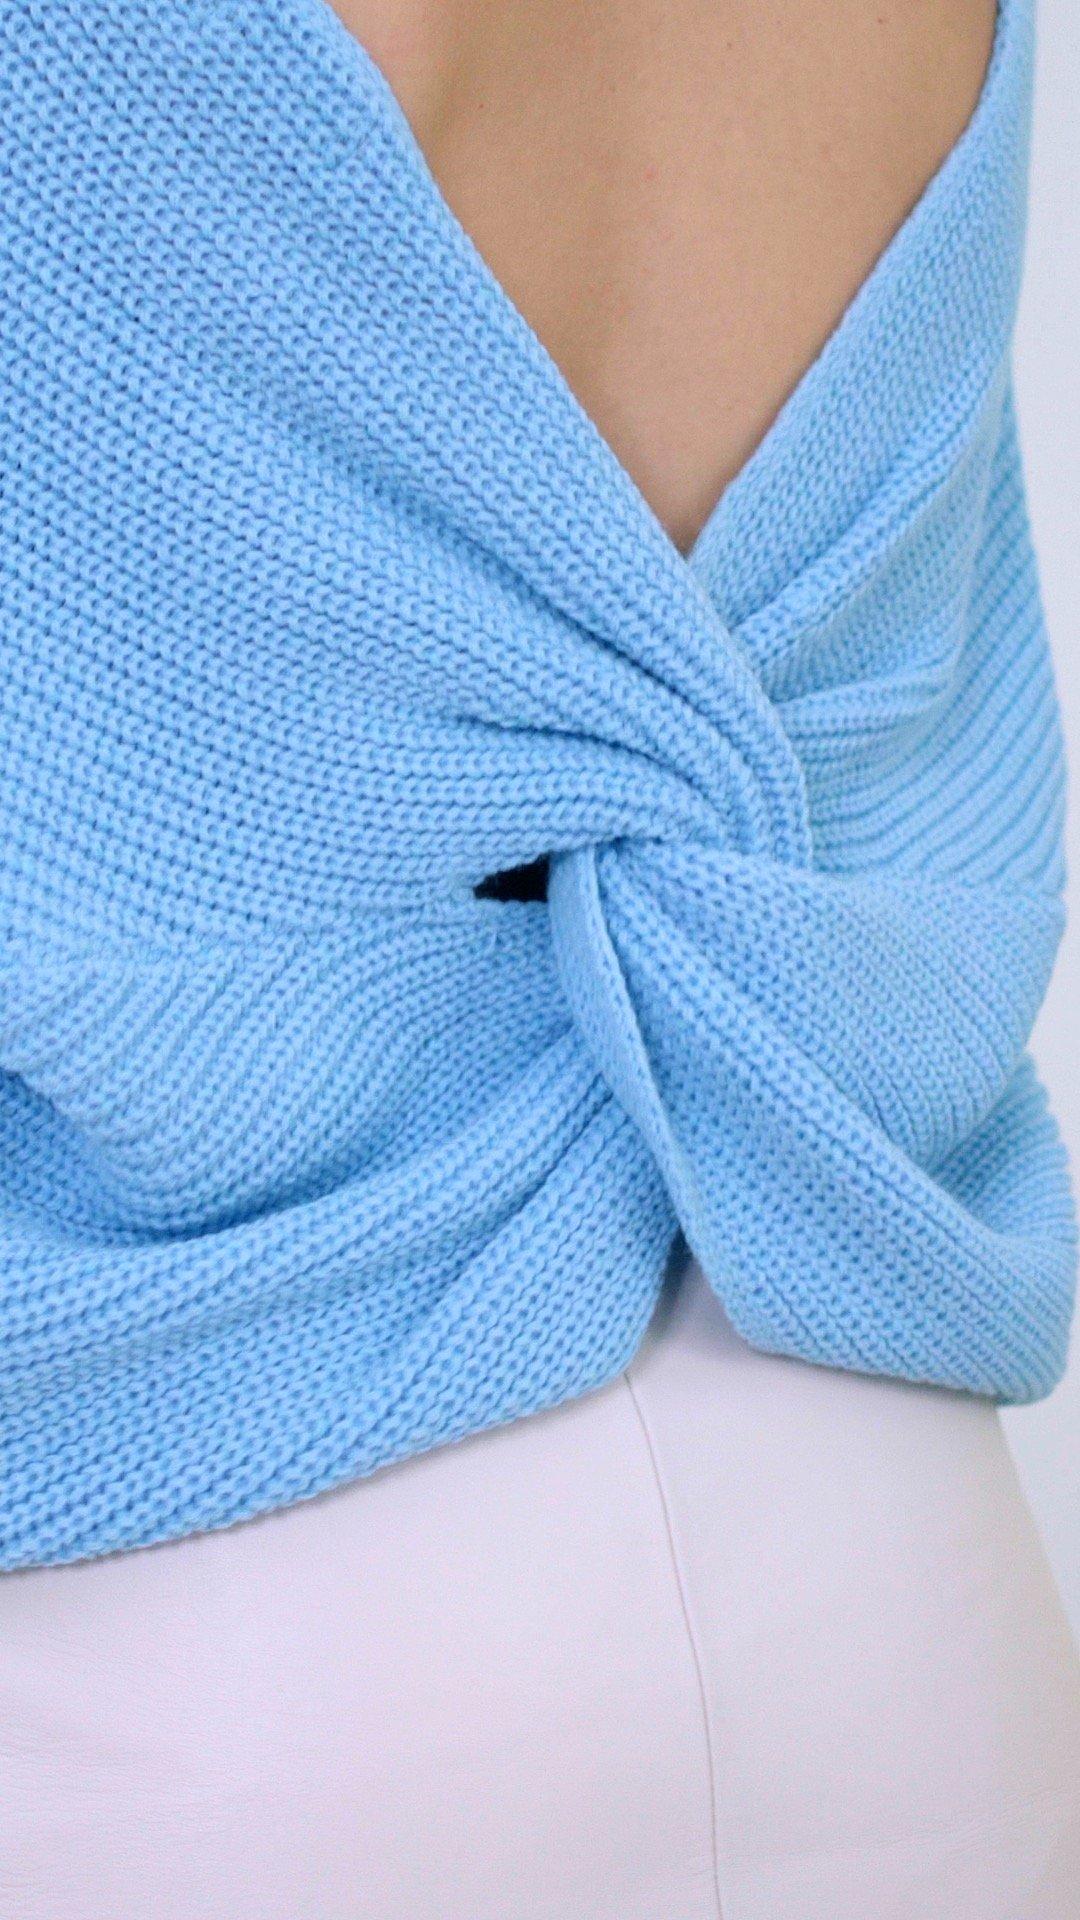 détail pull bleu noeud